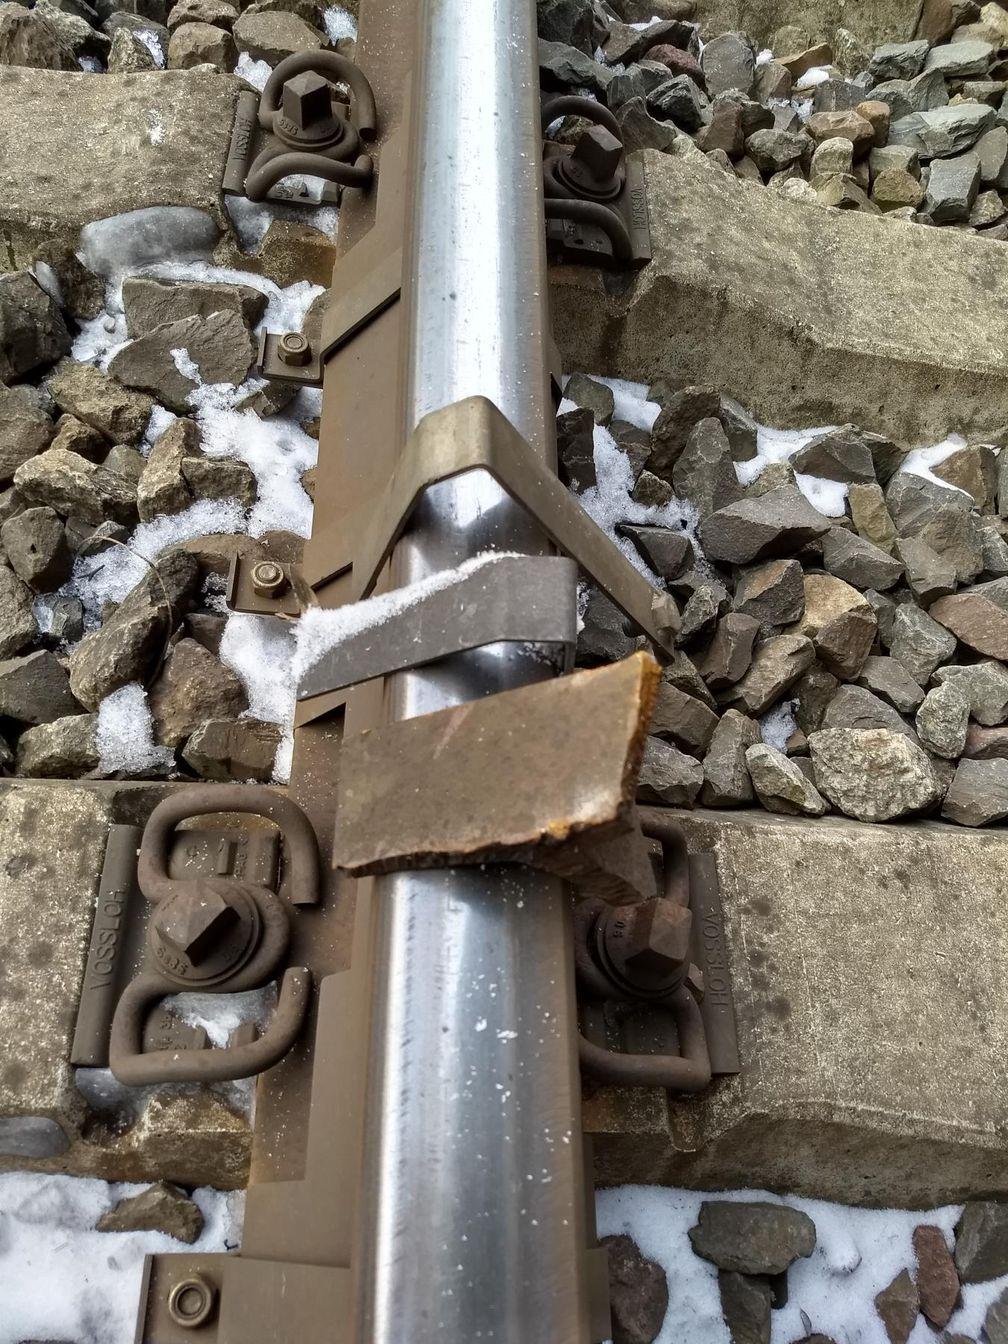 Die aufgelegten Metallteile wurden als Spurenträger sichergestellt und werden kriminaltechnisch untersucht.Bild: Bundespolizei